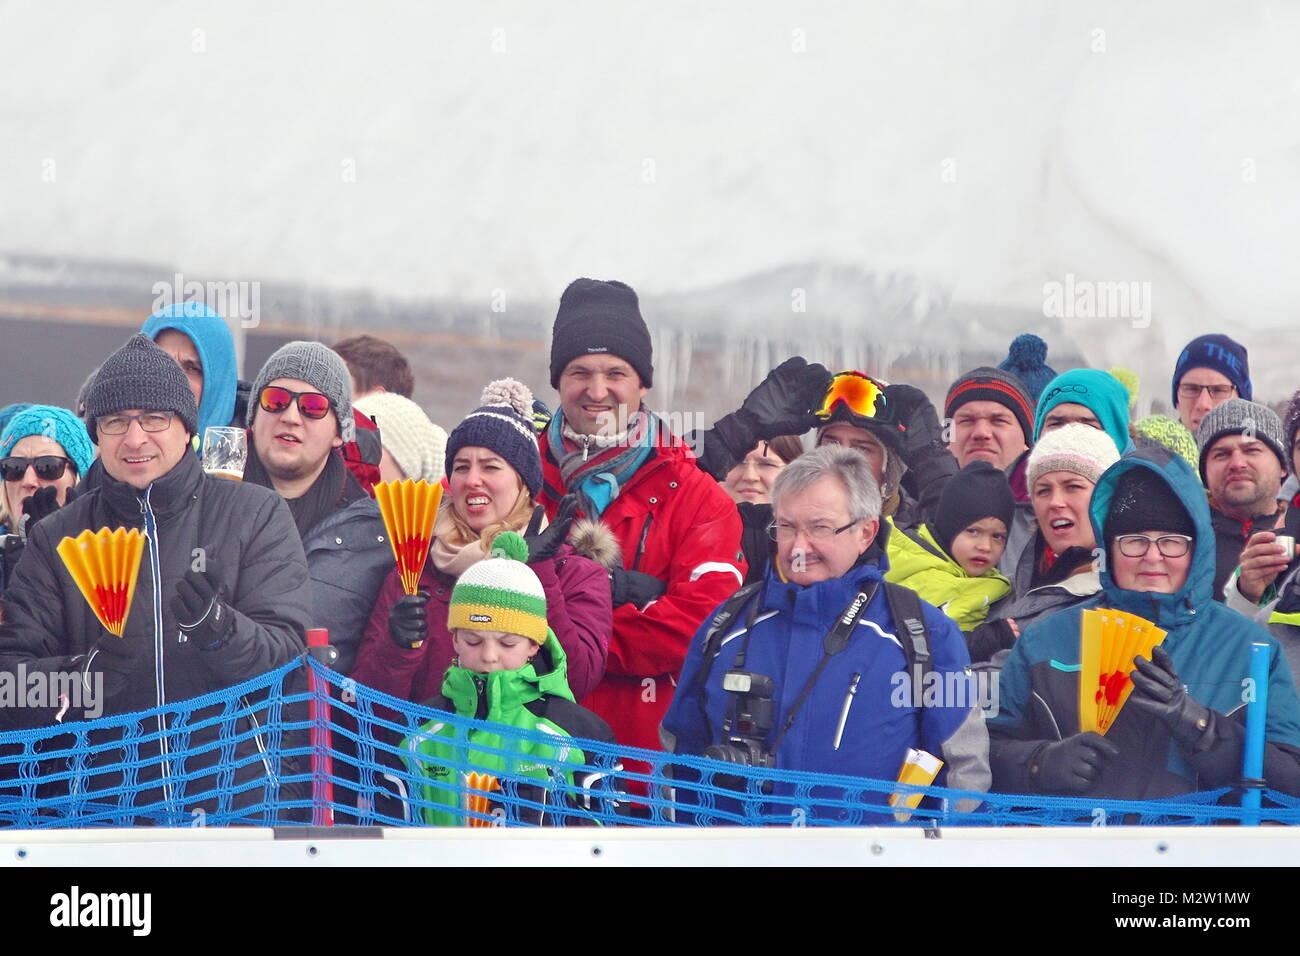 Zahlreiche Zuschauer verfolgen die Weltcup-Premiere beim  FIS Weltcup Snowboard SBX 2016 am Feldberg - Stock Image